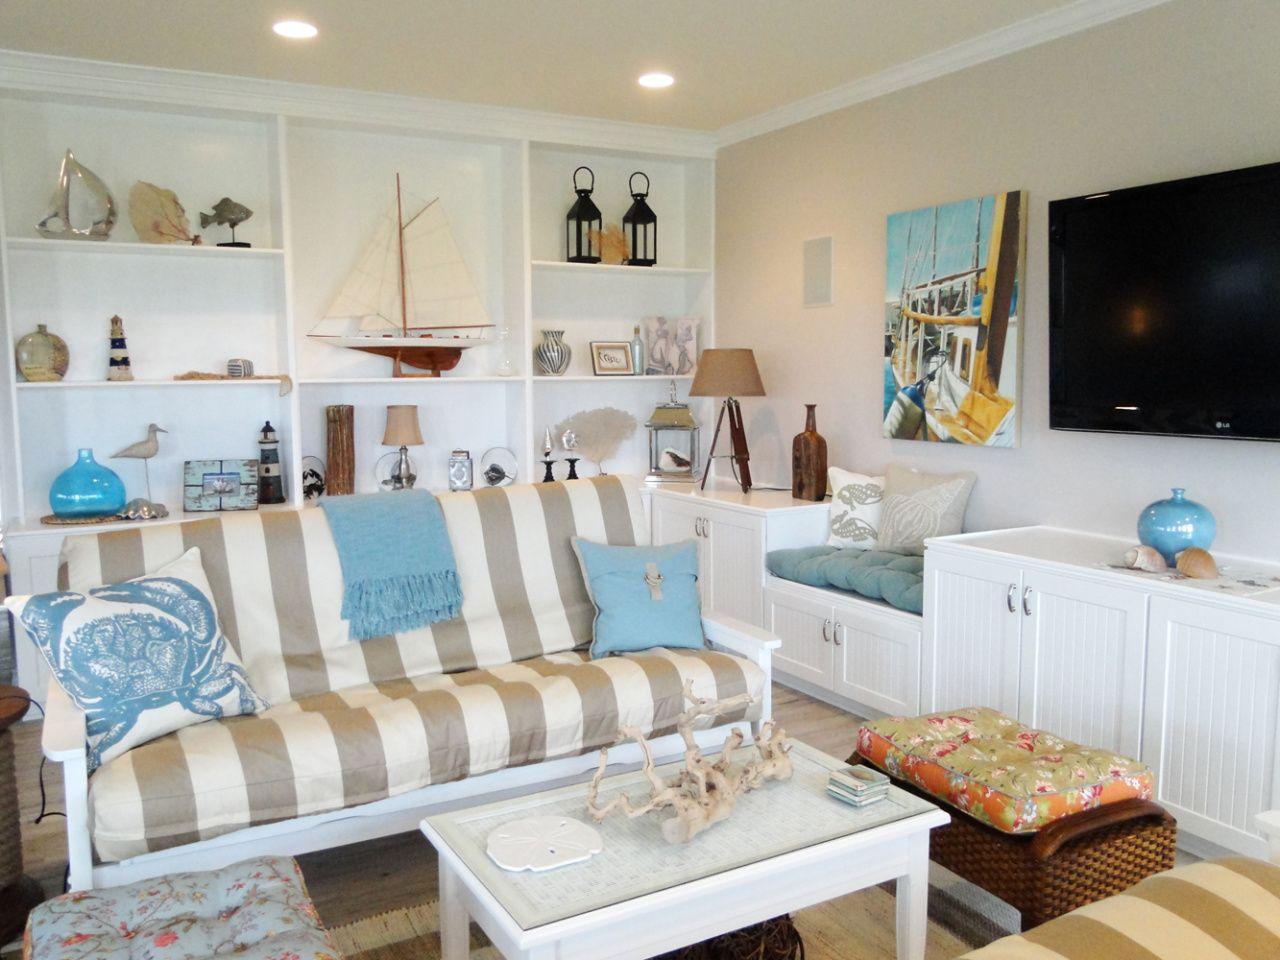 Salón de estilo marinero, con decoración de barco, faro, anclas, en tonos azules.